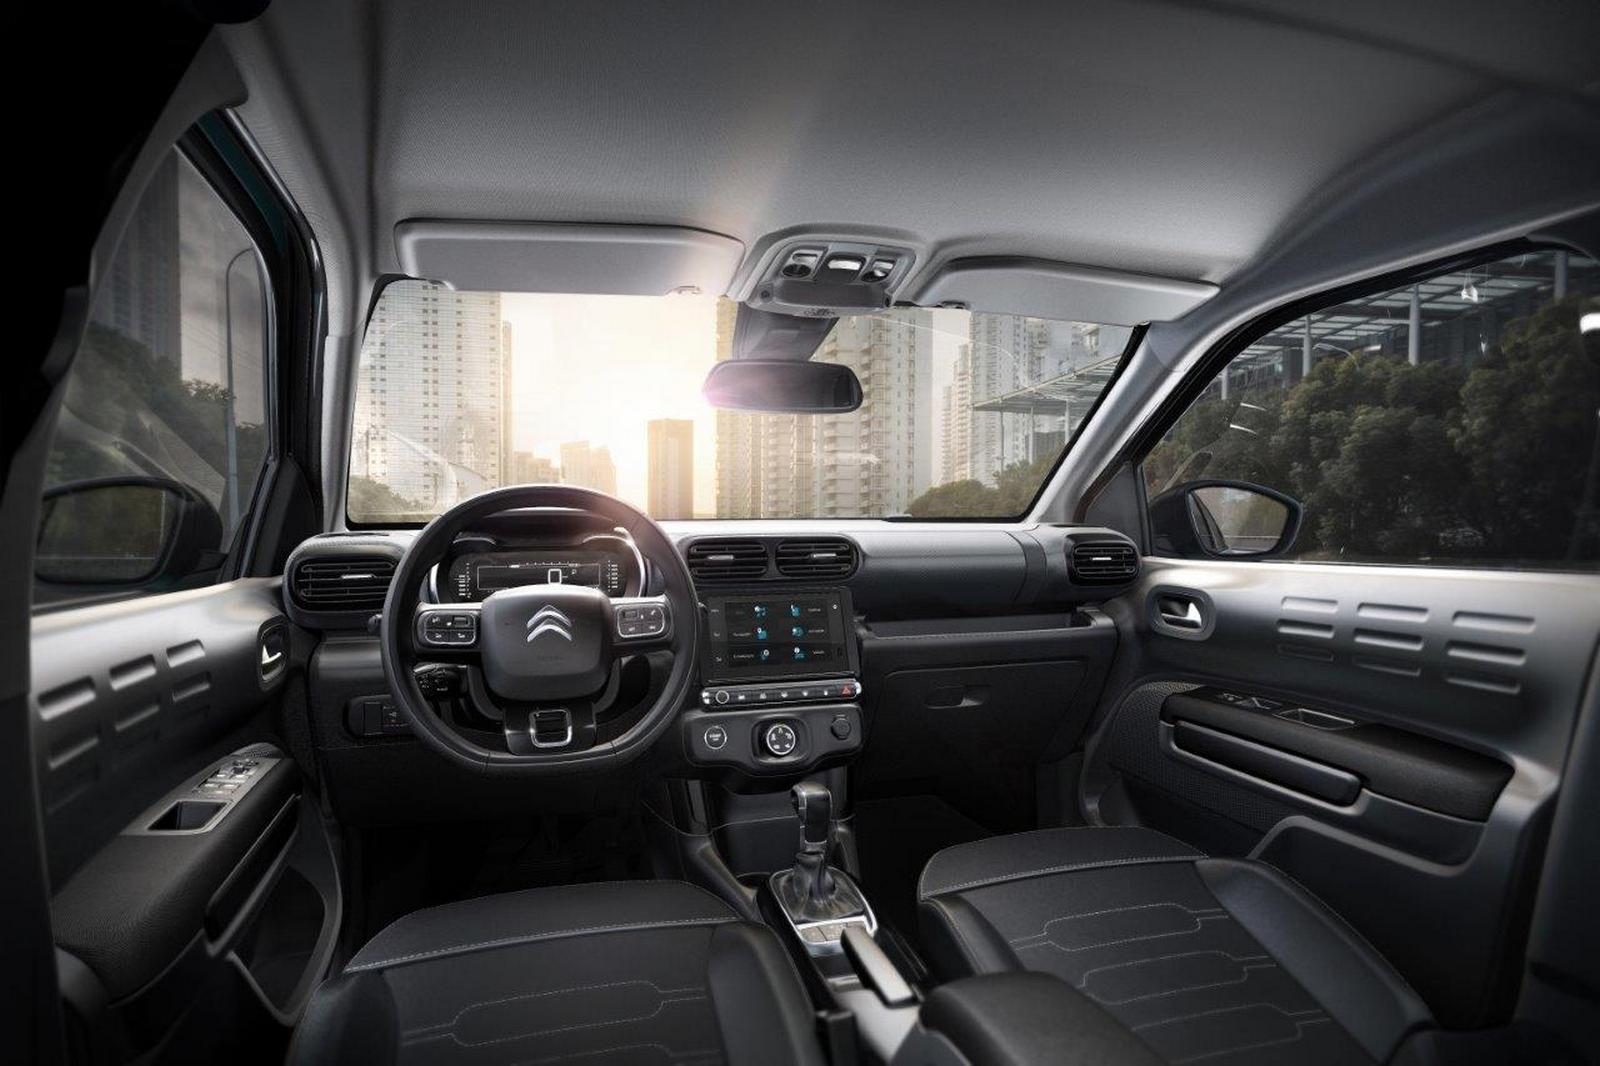 Конкурент Hyundai Creta и Nissan Kicks от Citroen: официальные фото салона